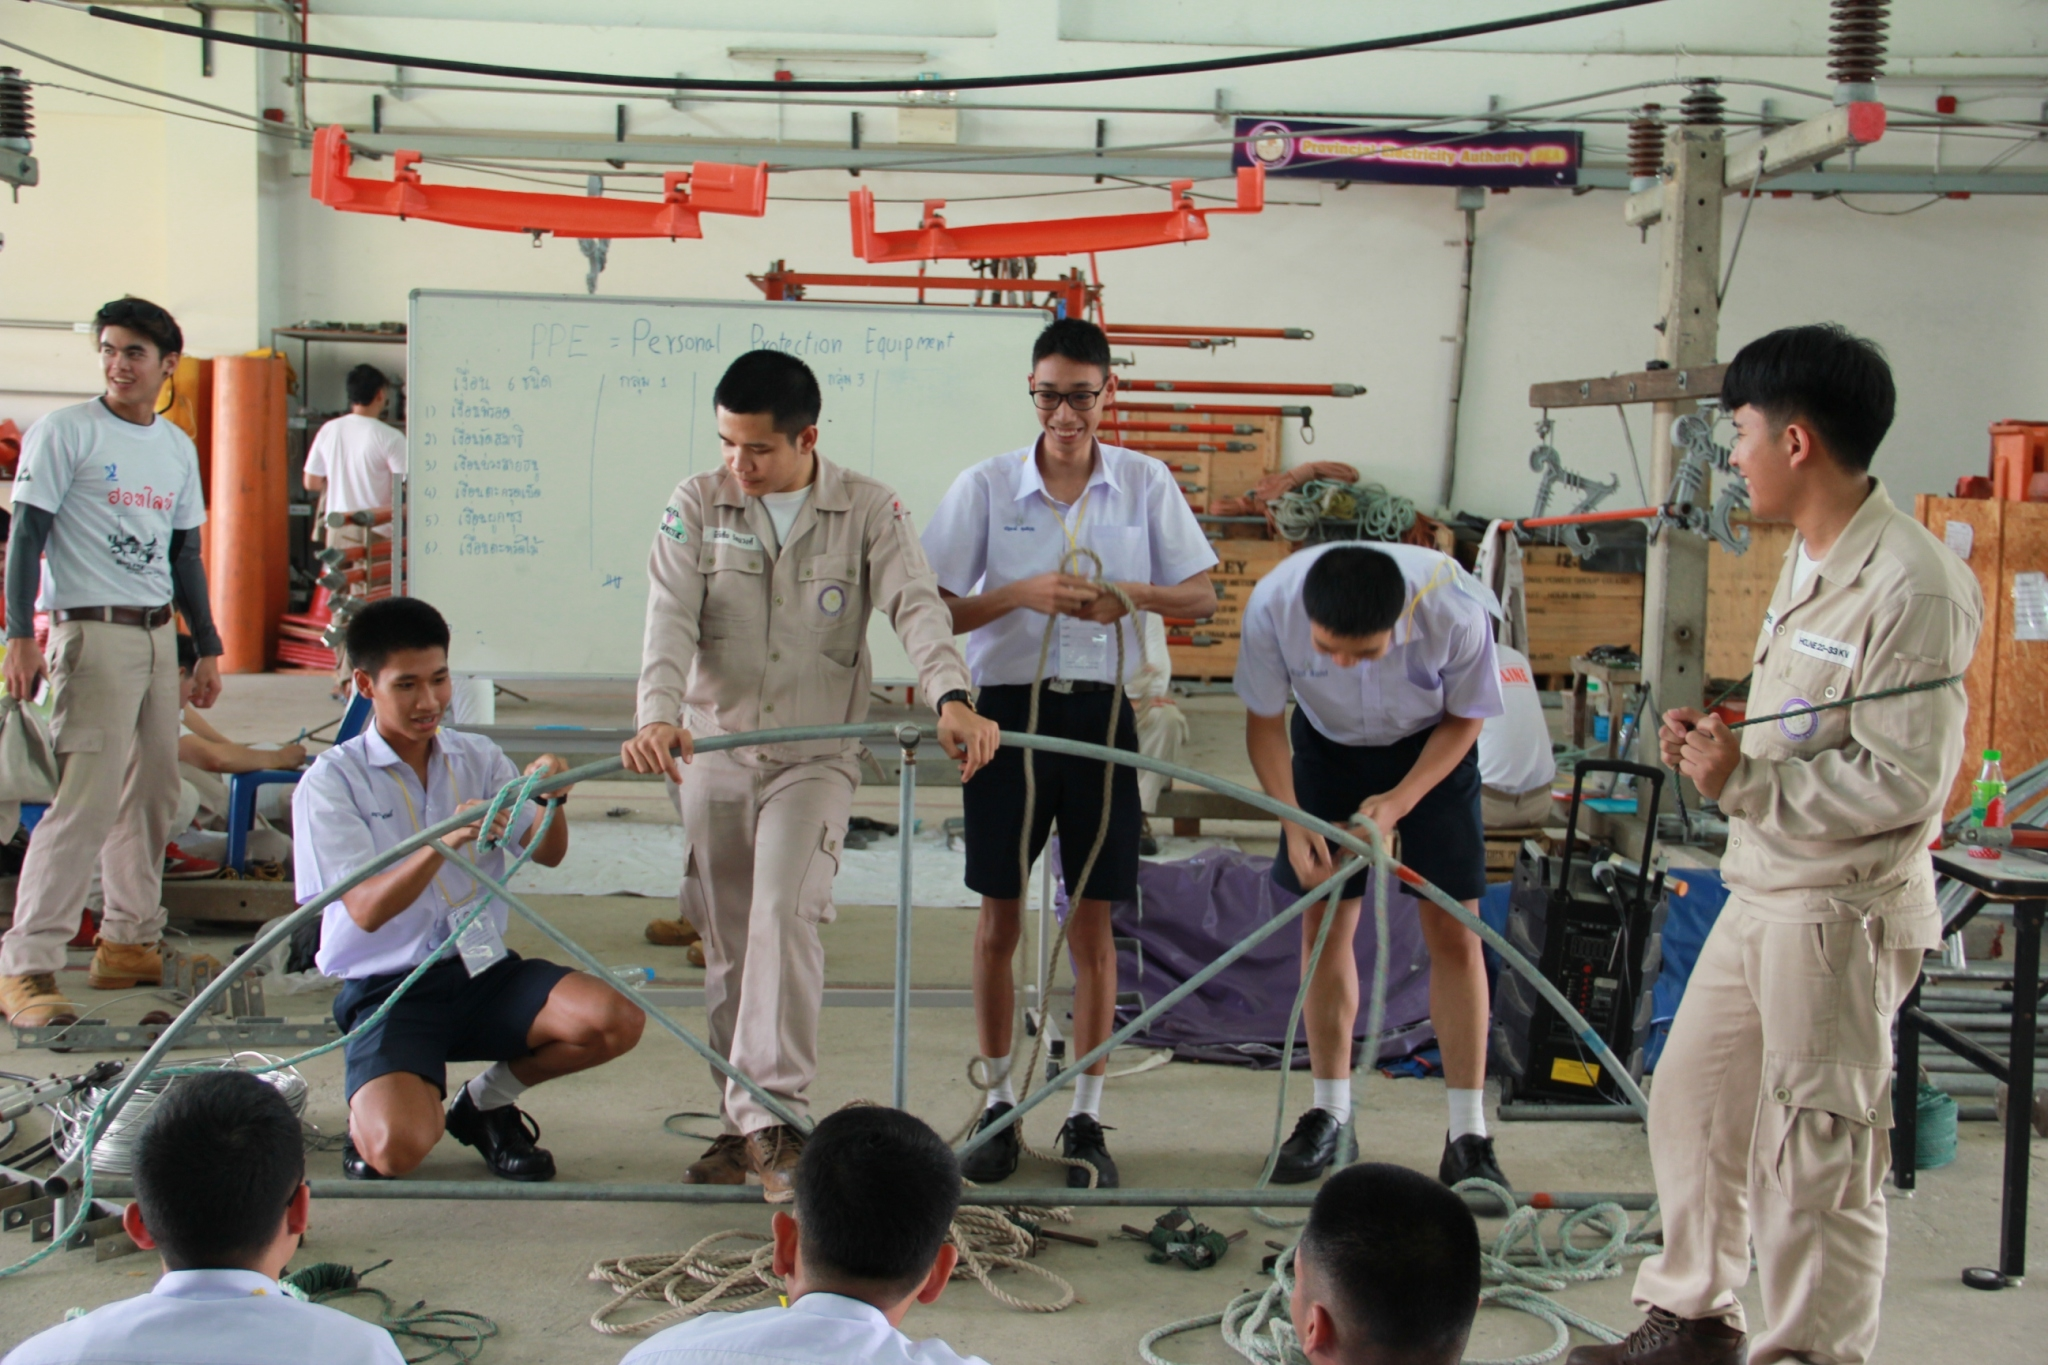 พิธีปิดการฝึกอบรมและสอบภาคปฏิบัติการติดตั้งไฟฟ้า